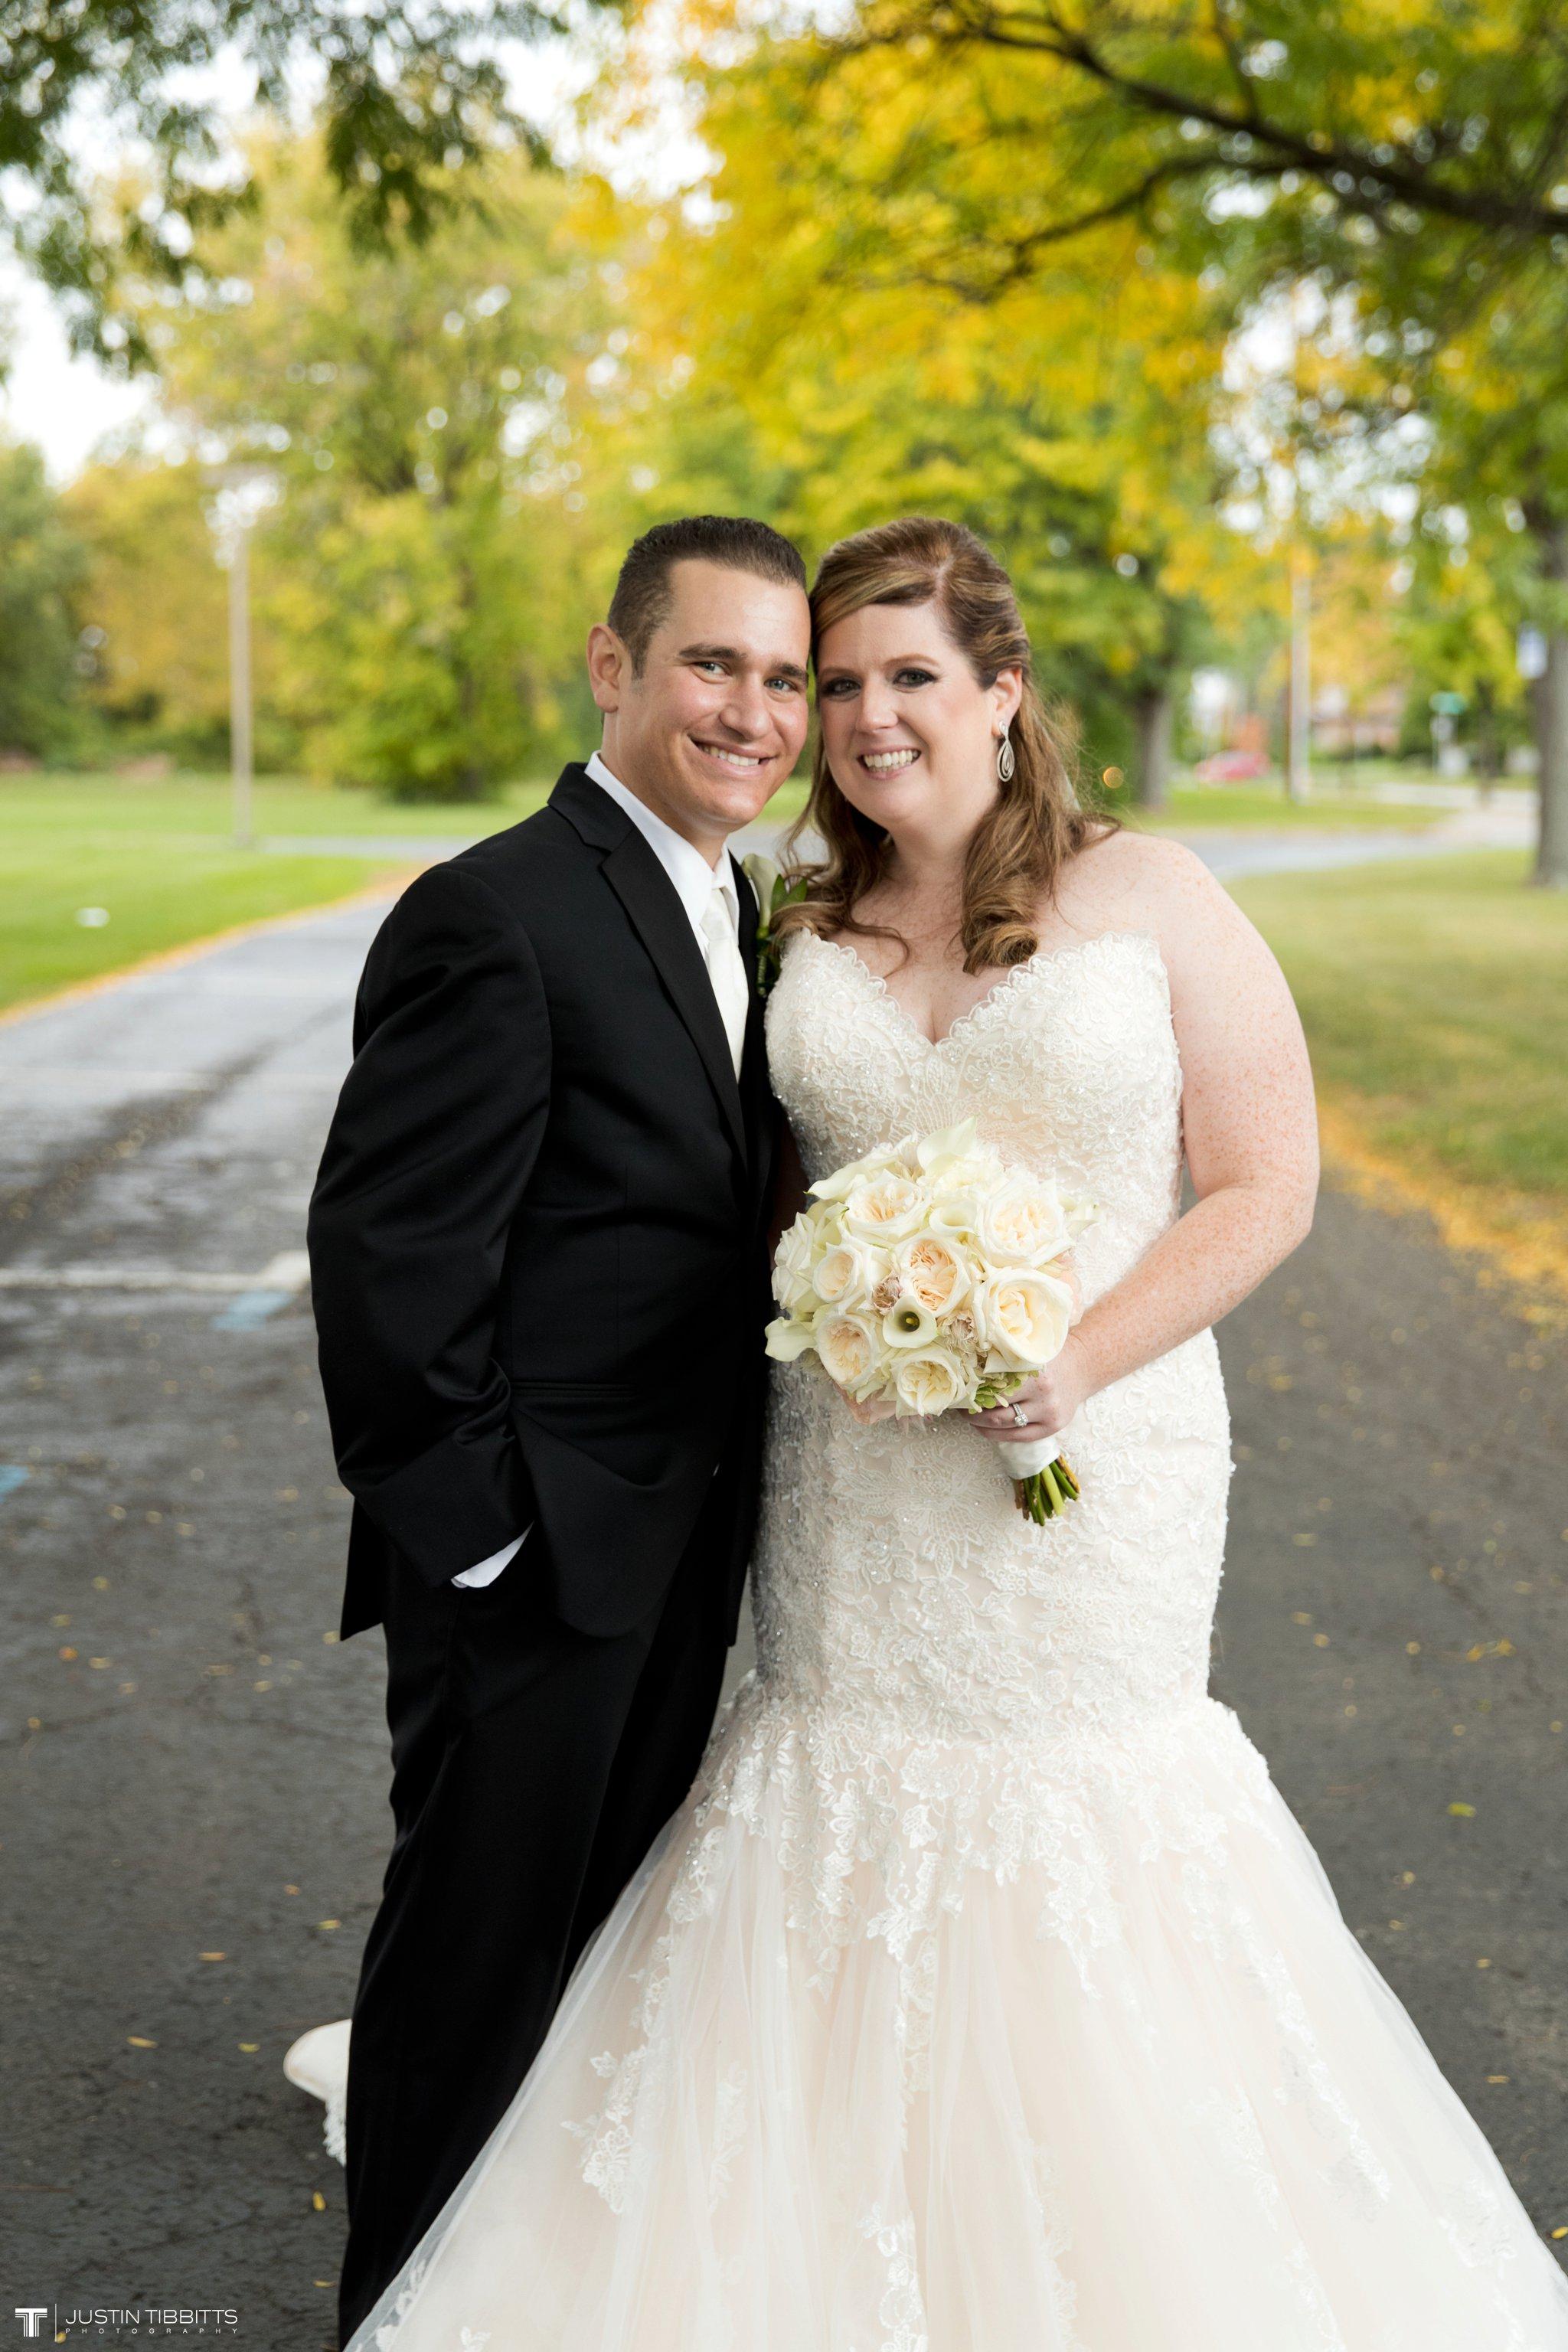 Hall of Springs Wedding Photos with Amanda and Jon-Michael_0068